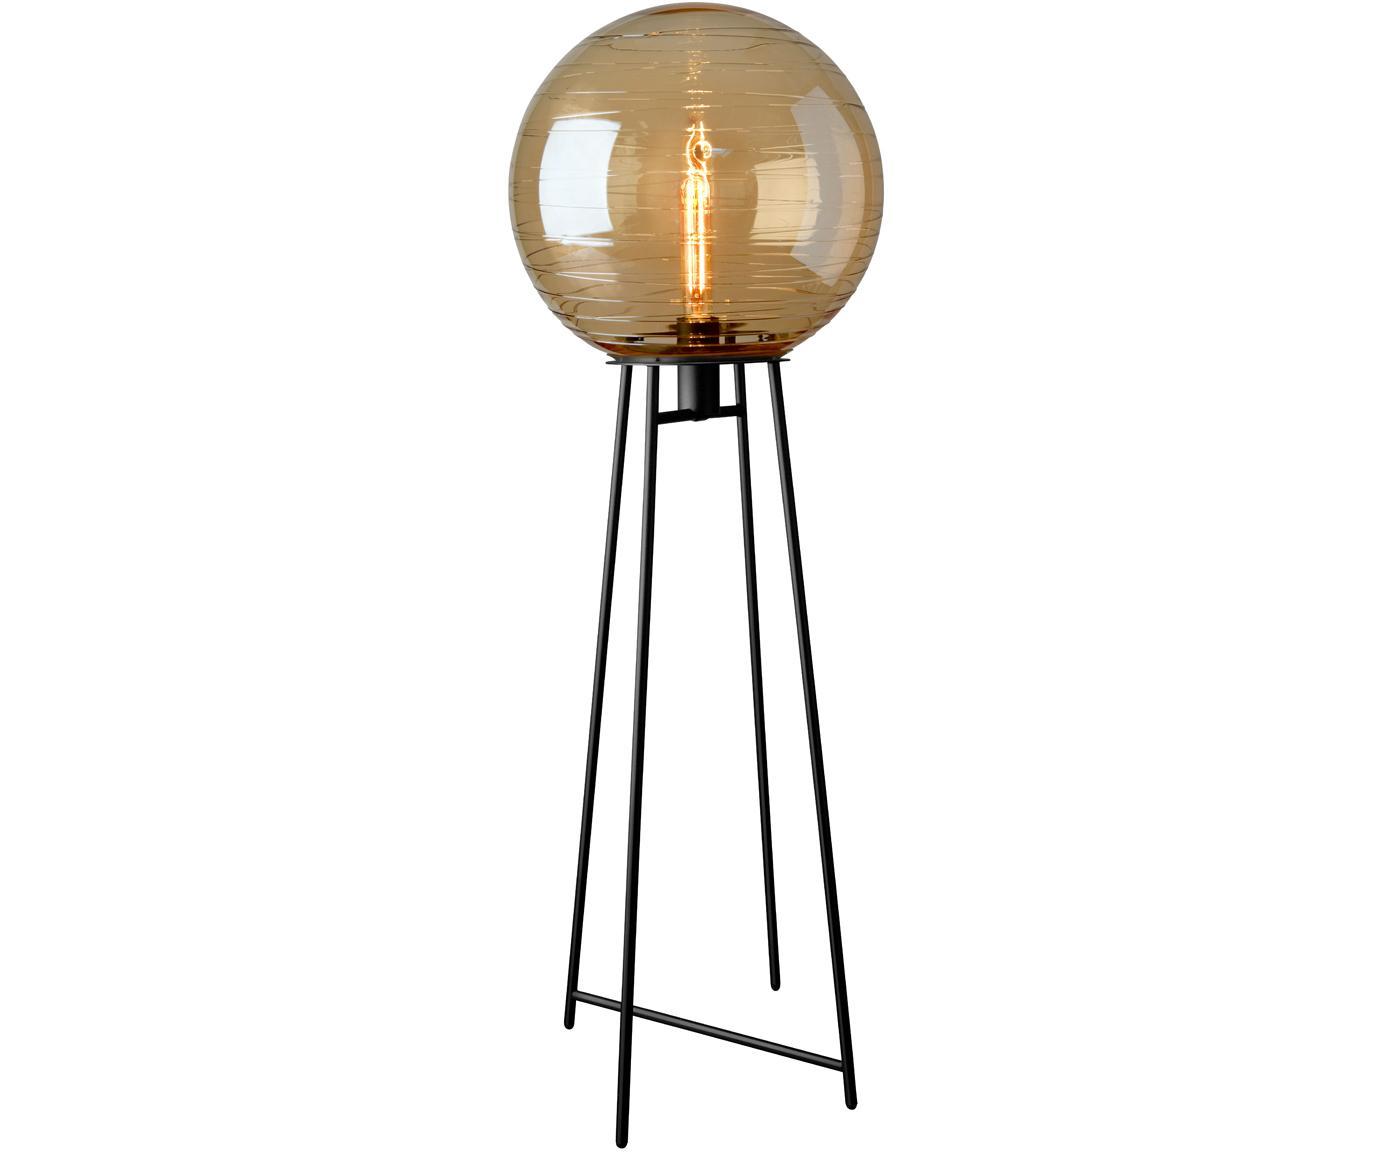 Lampada da terra in vetro Lantaren, Paralume: vetro, Base della lampada: metallo verniciato, Ambra, nero, Ø 37 x Alt. 117 cm